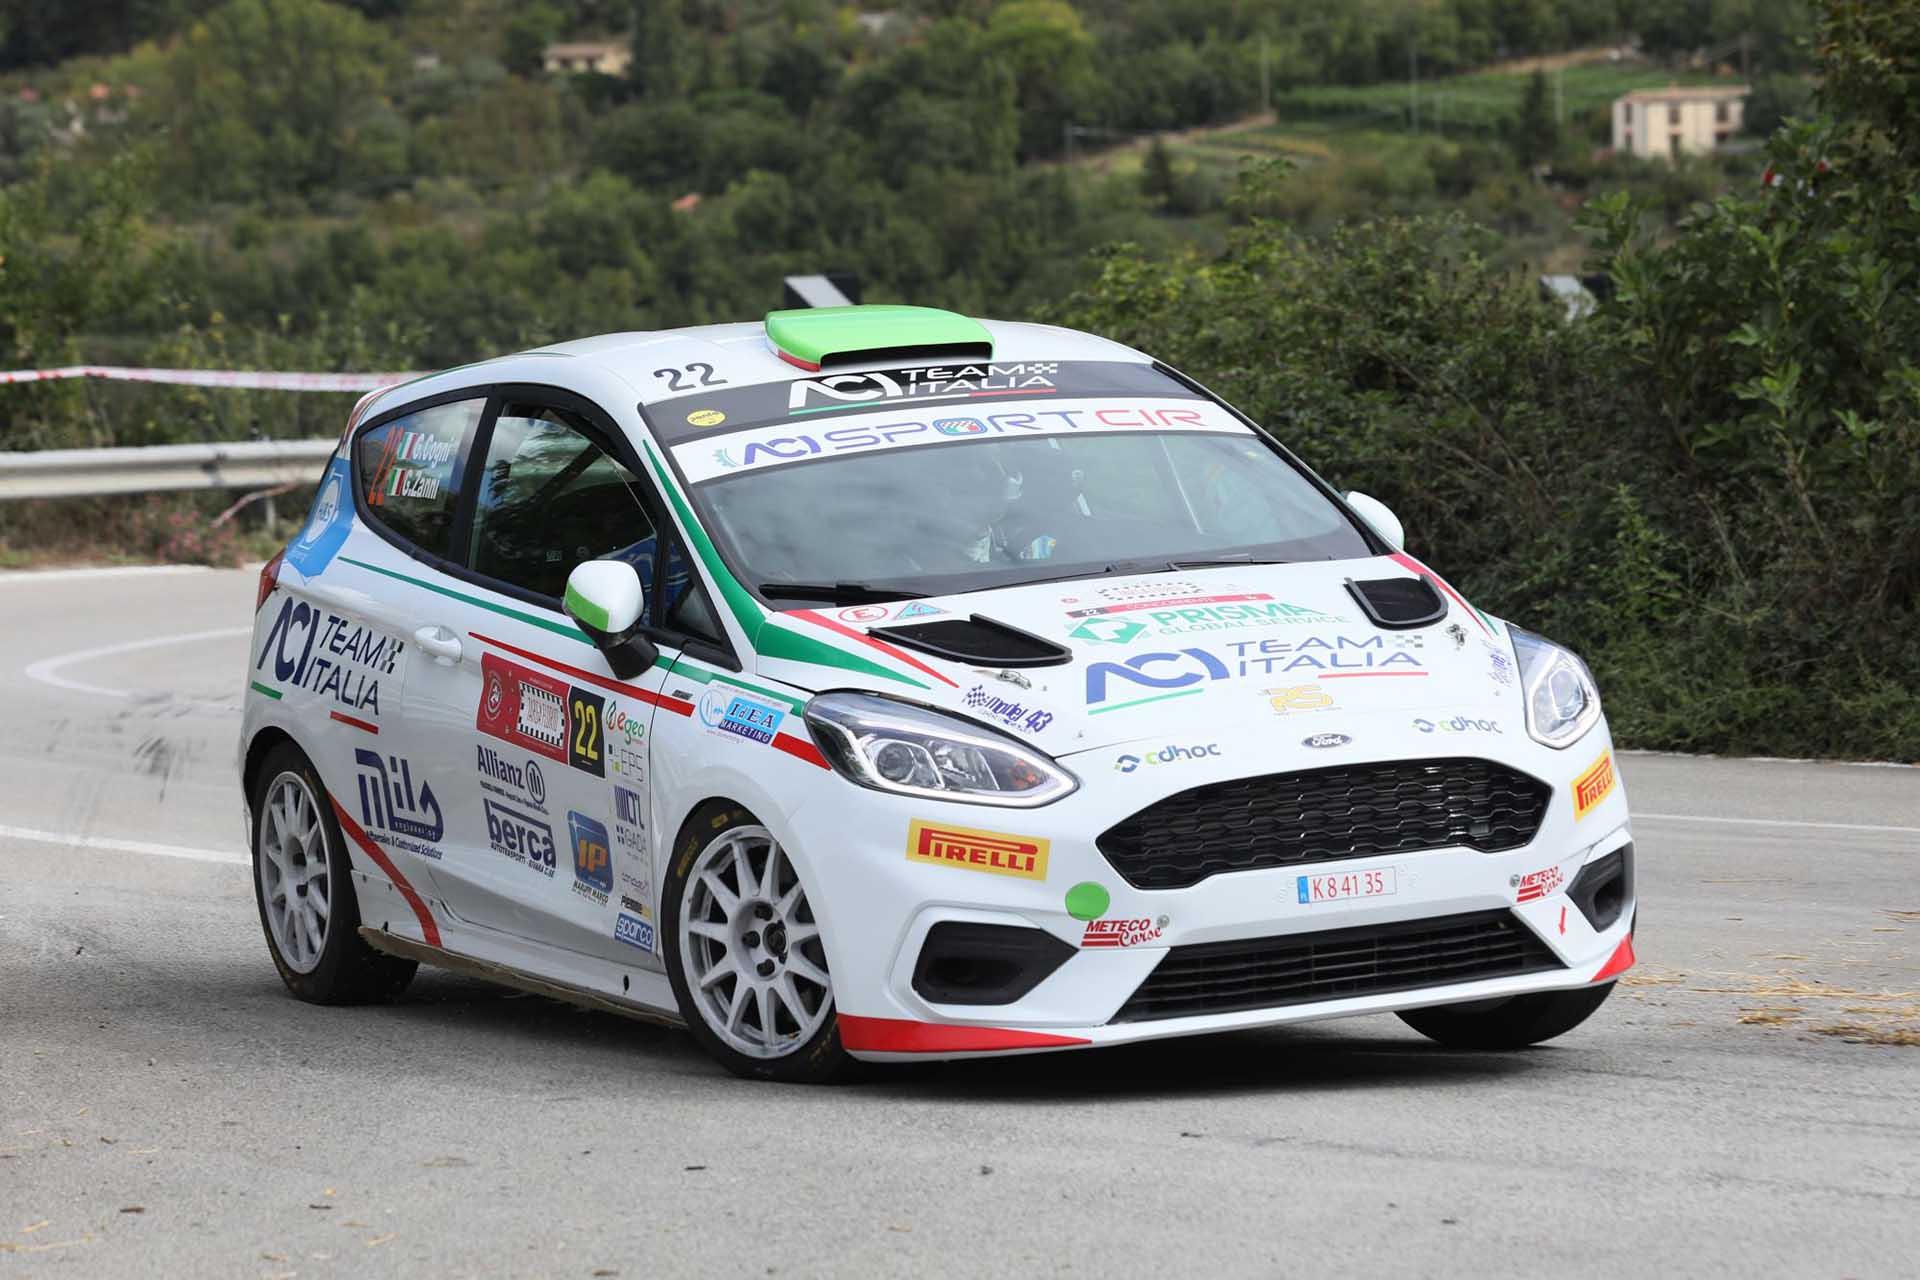 Vittoria di Cogni-Zanni alla 104^Targa Florio